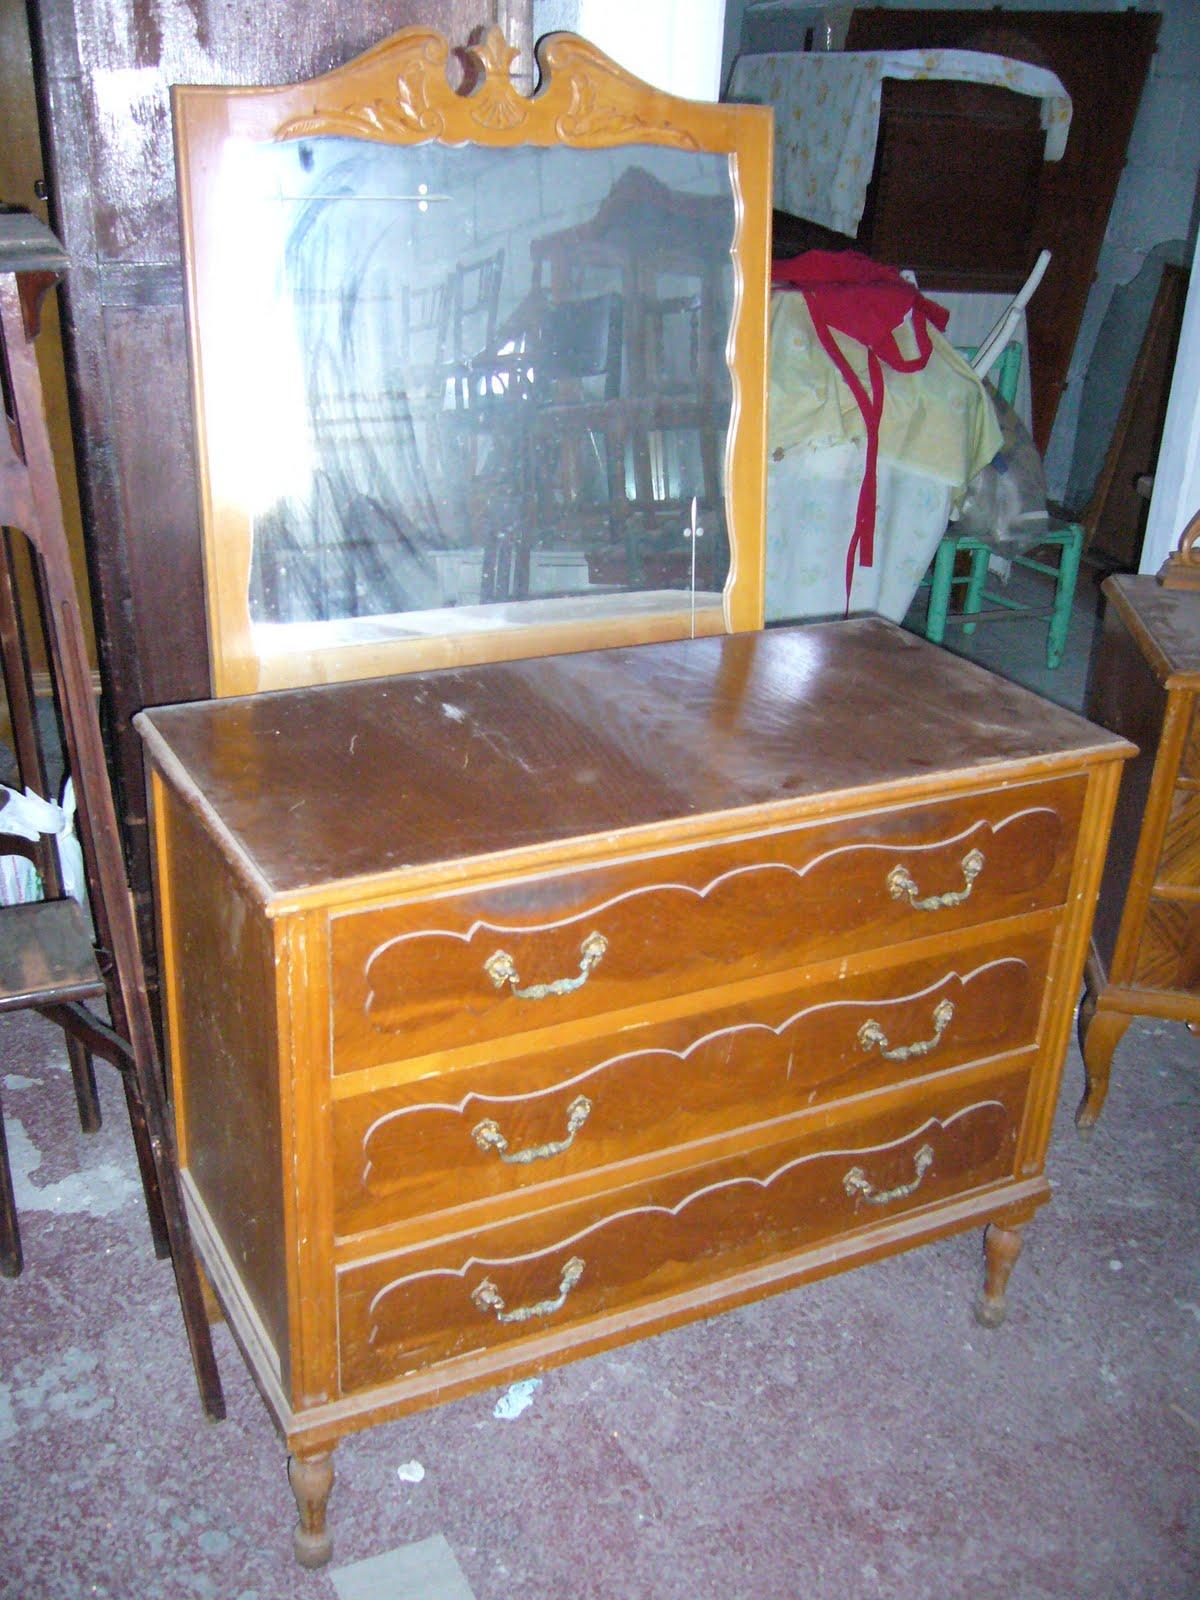 La restauradora muebles patinados algunos trabajos - Como pintar muebles antiguos ...